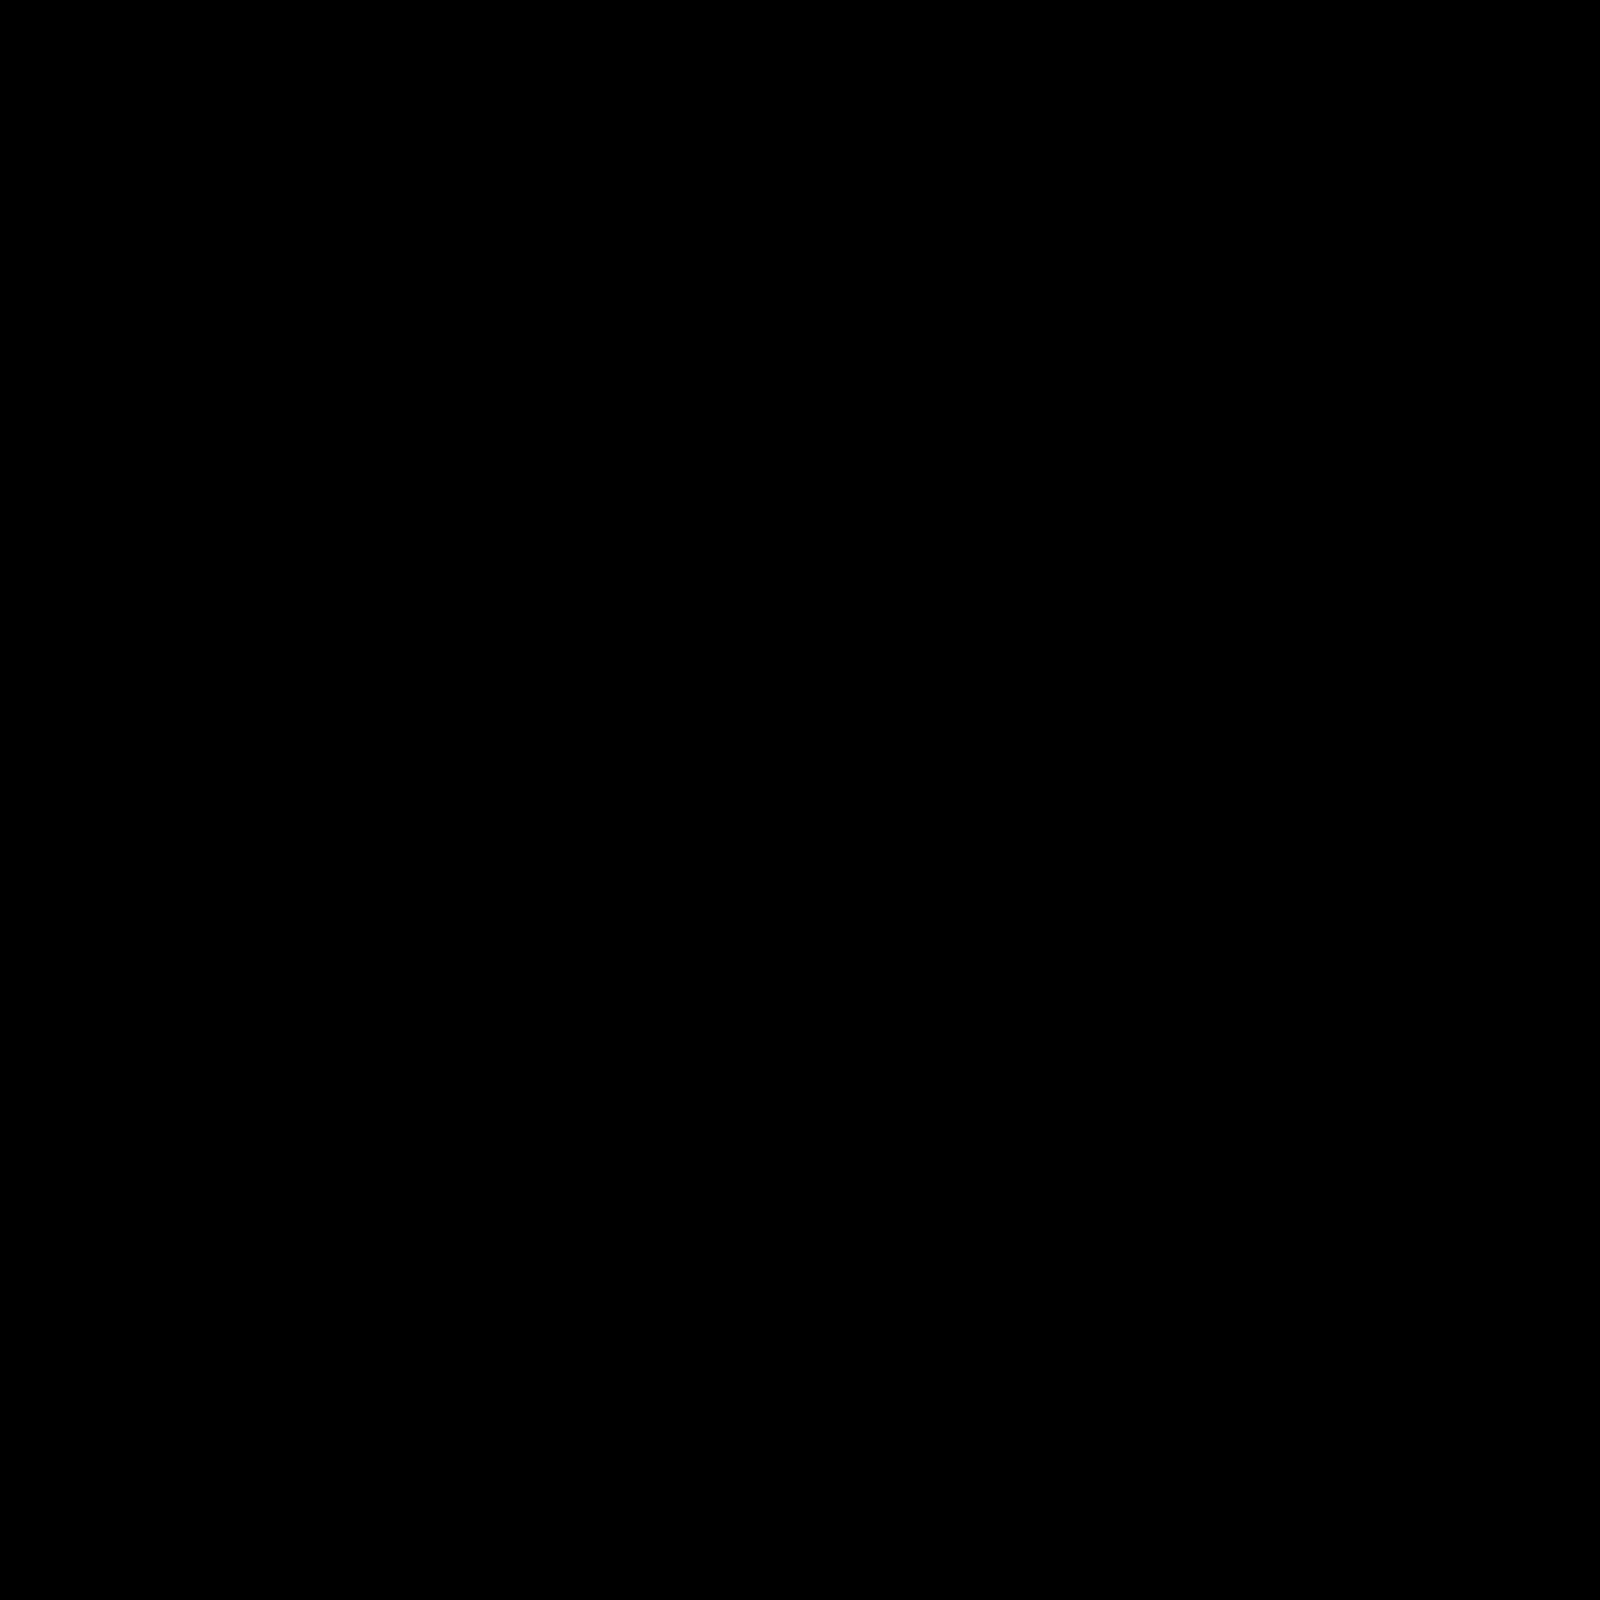 色を反転させる icon